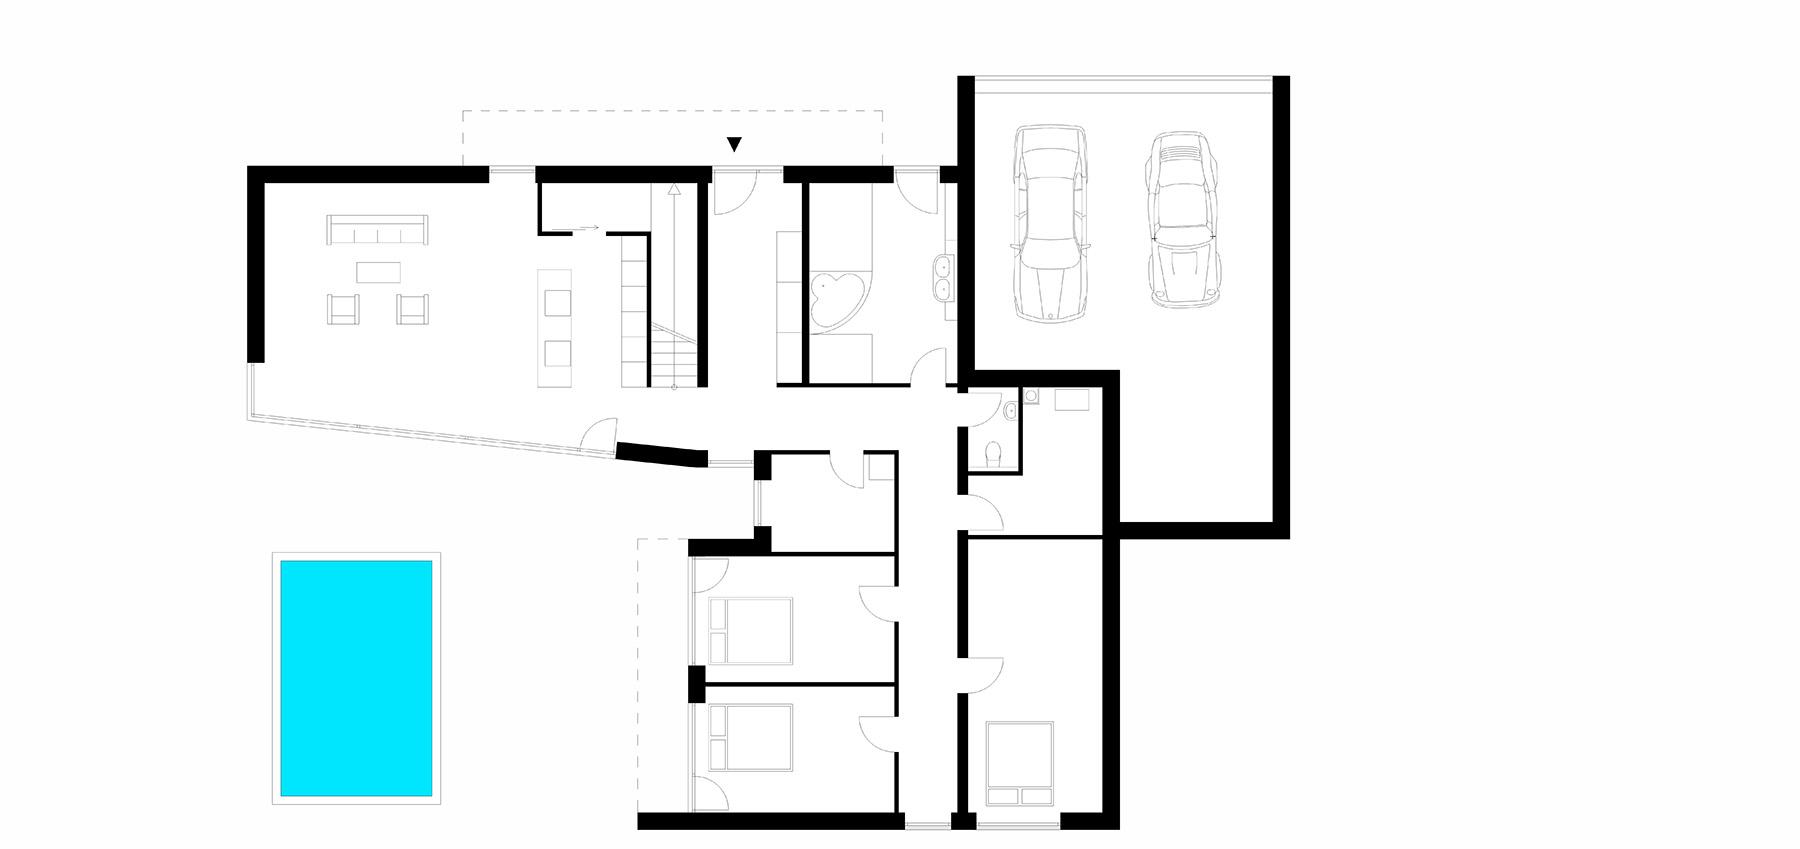 wunschhaus-haus-k5-plan-eg